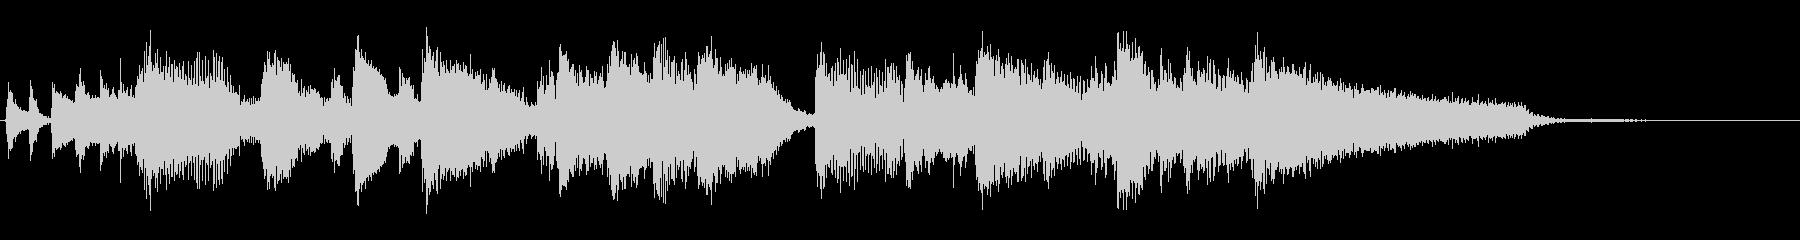 アイキャッチ向け、ジャズピアノのジングルの未再生の波形